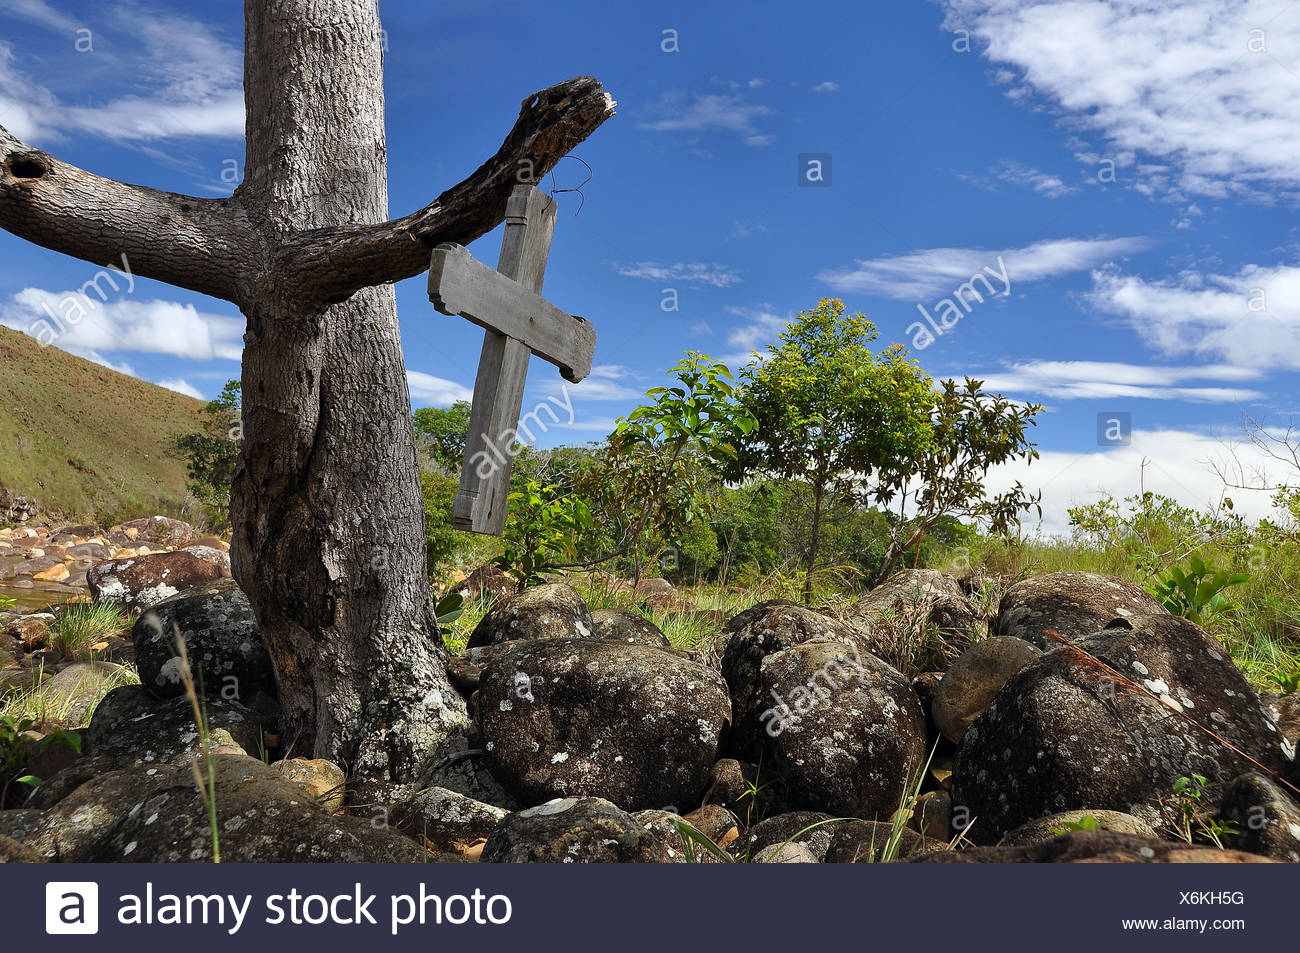 Croix de bois sur un arbre dans le désert, trek au roraima table mountain, montagne la plus haute du brésil Photo Stock